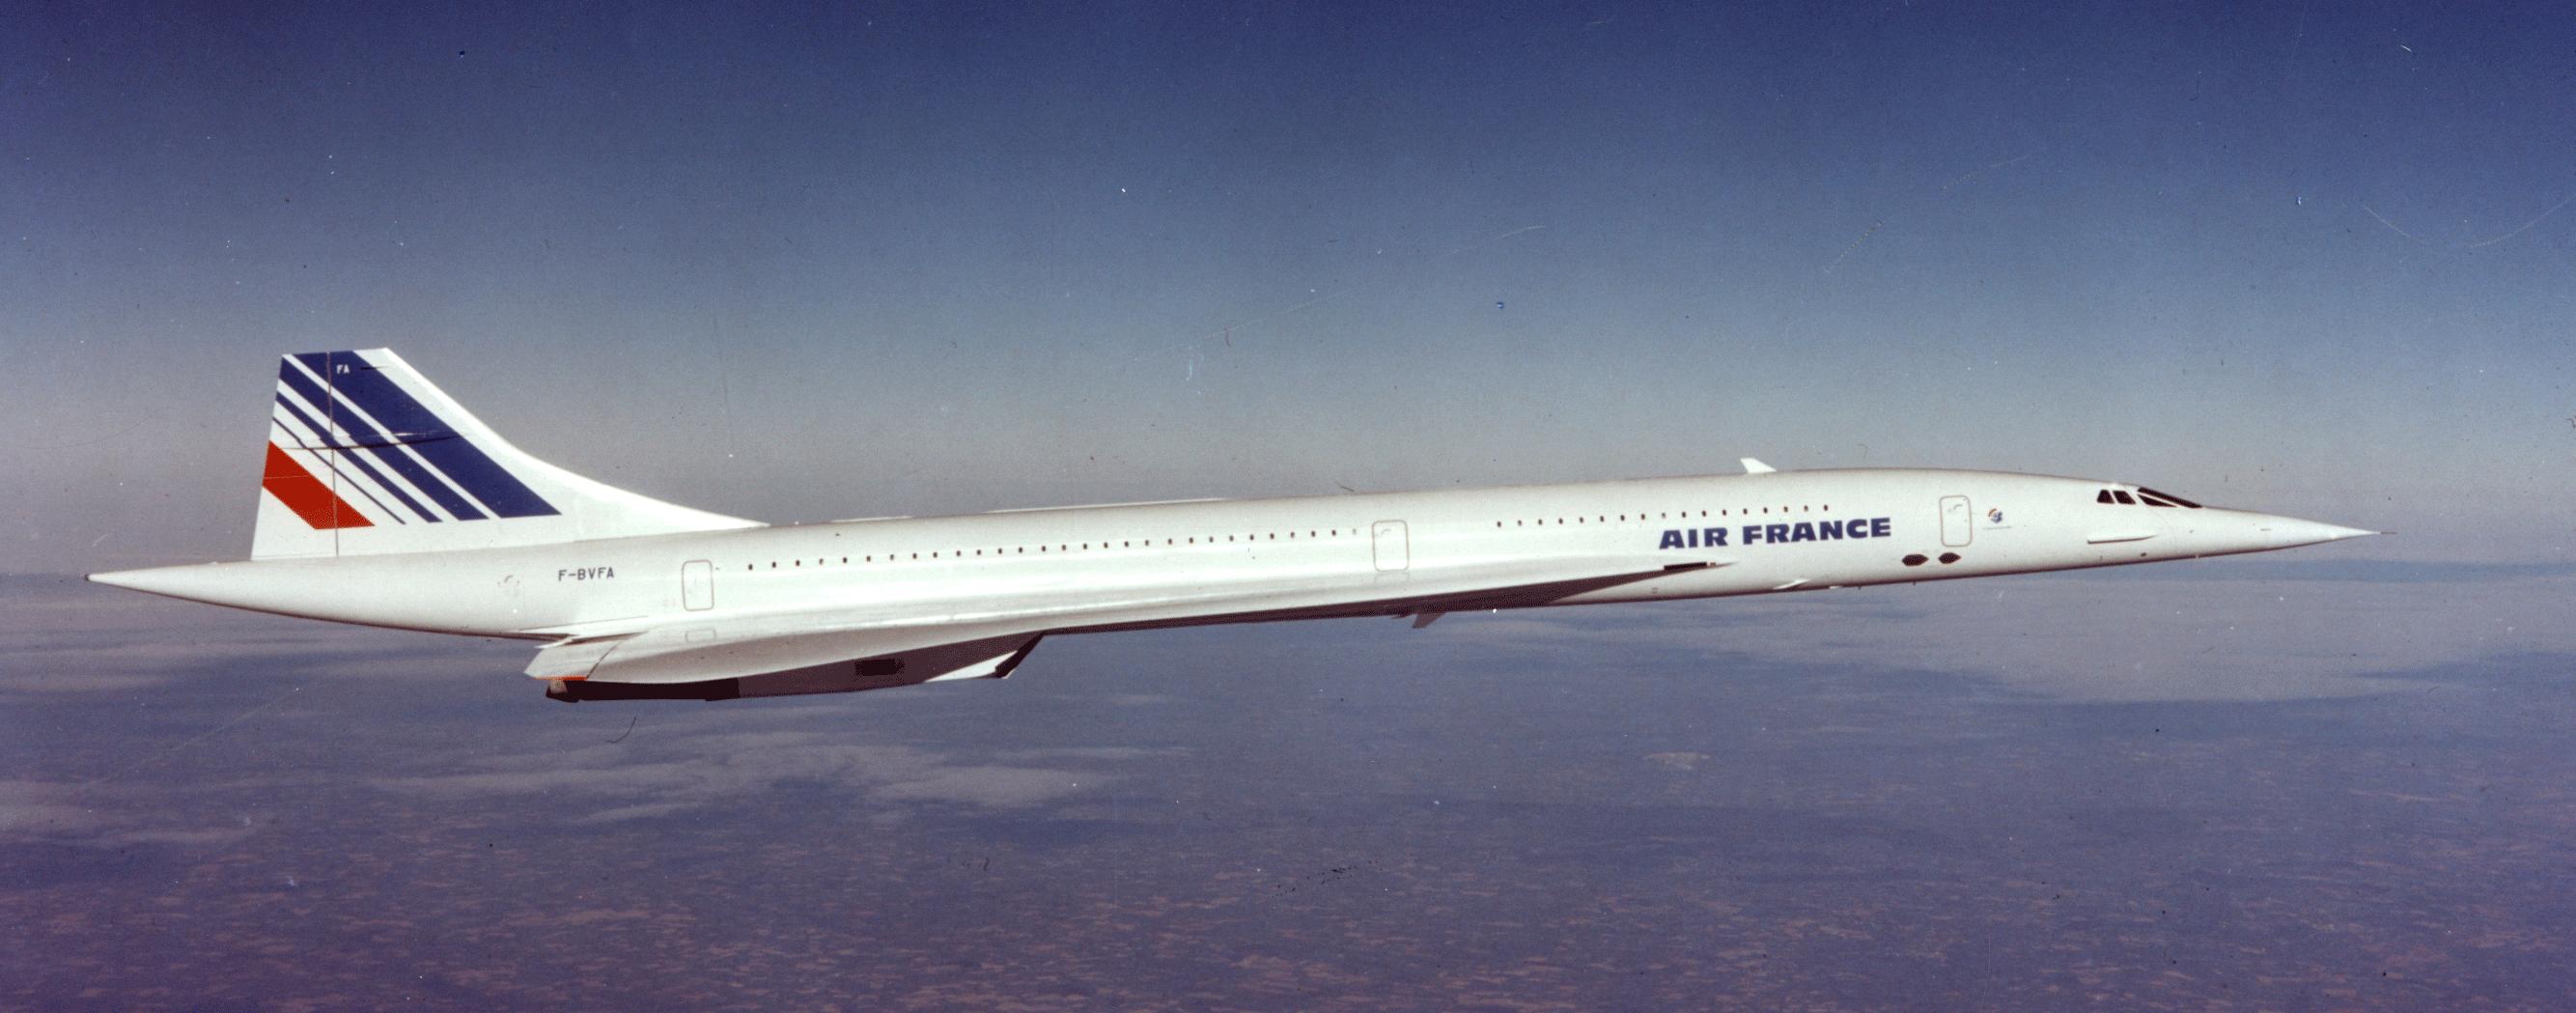 Concorde-F-BVFA-en-vol.png